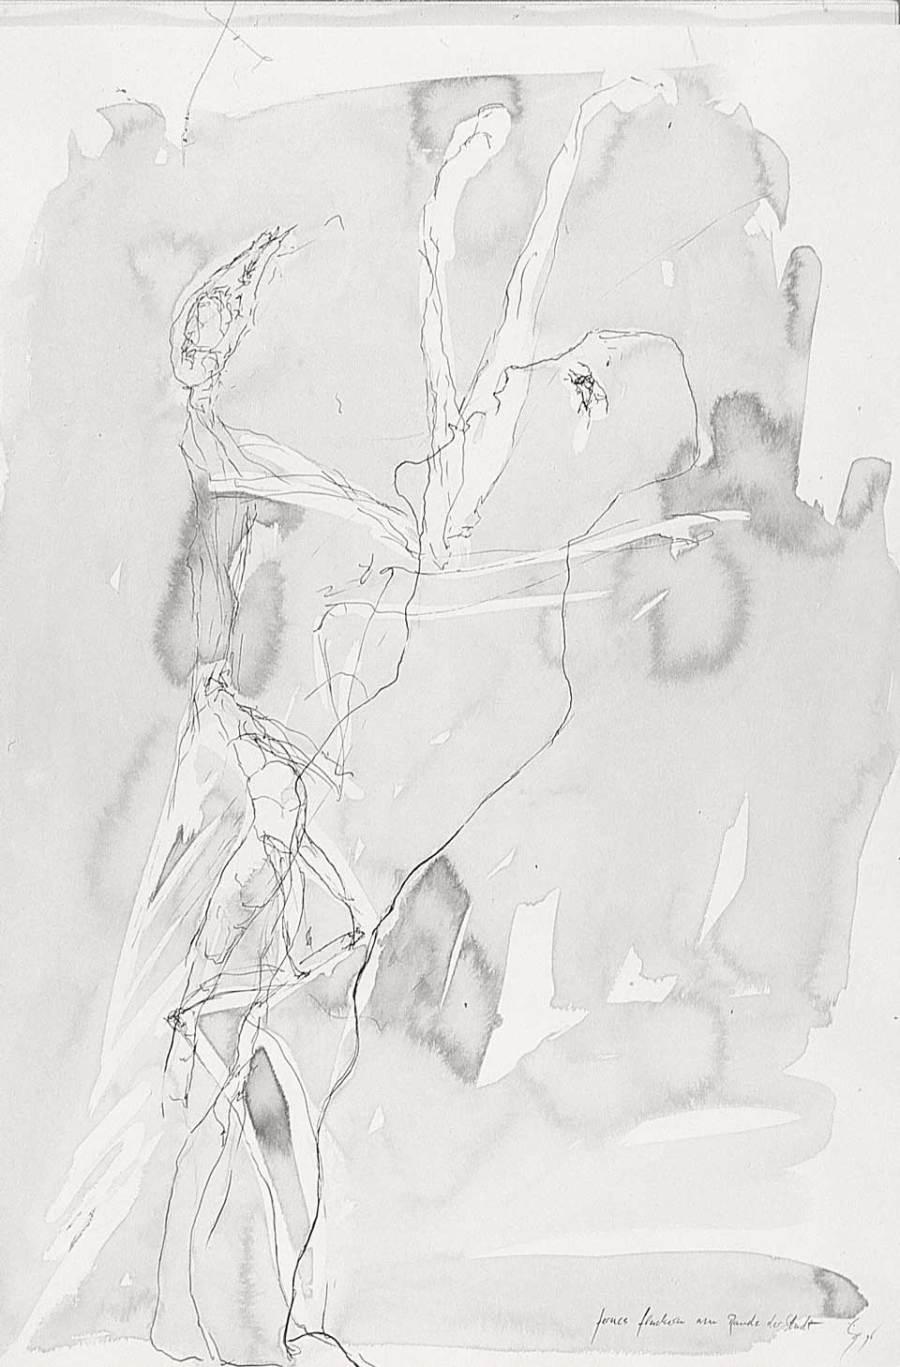 fernes flackern am rande der stadt, tusche auf karton, 1996